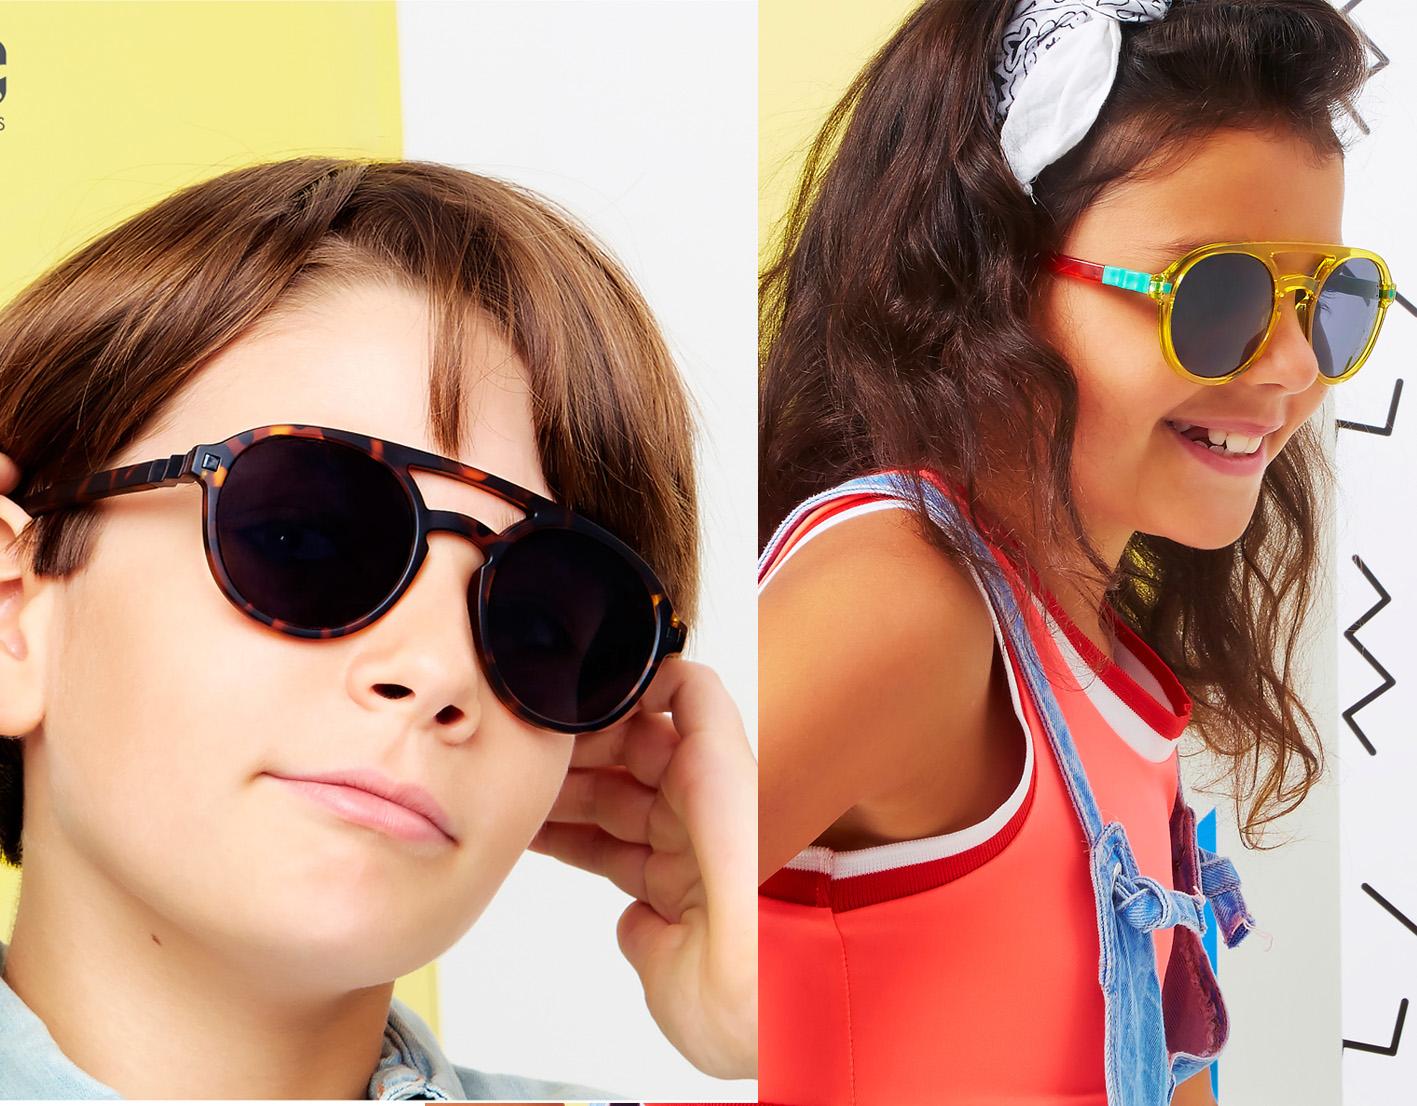 Αξεσουαρ    ΗΛΙΟΣ ΚΑΙ ΘΑΛΑΣΣΑ    Γυαλιά Ηλίου KiETLA    KiETLA ... f96cdaad56c